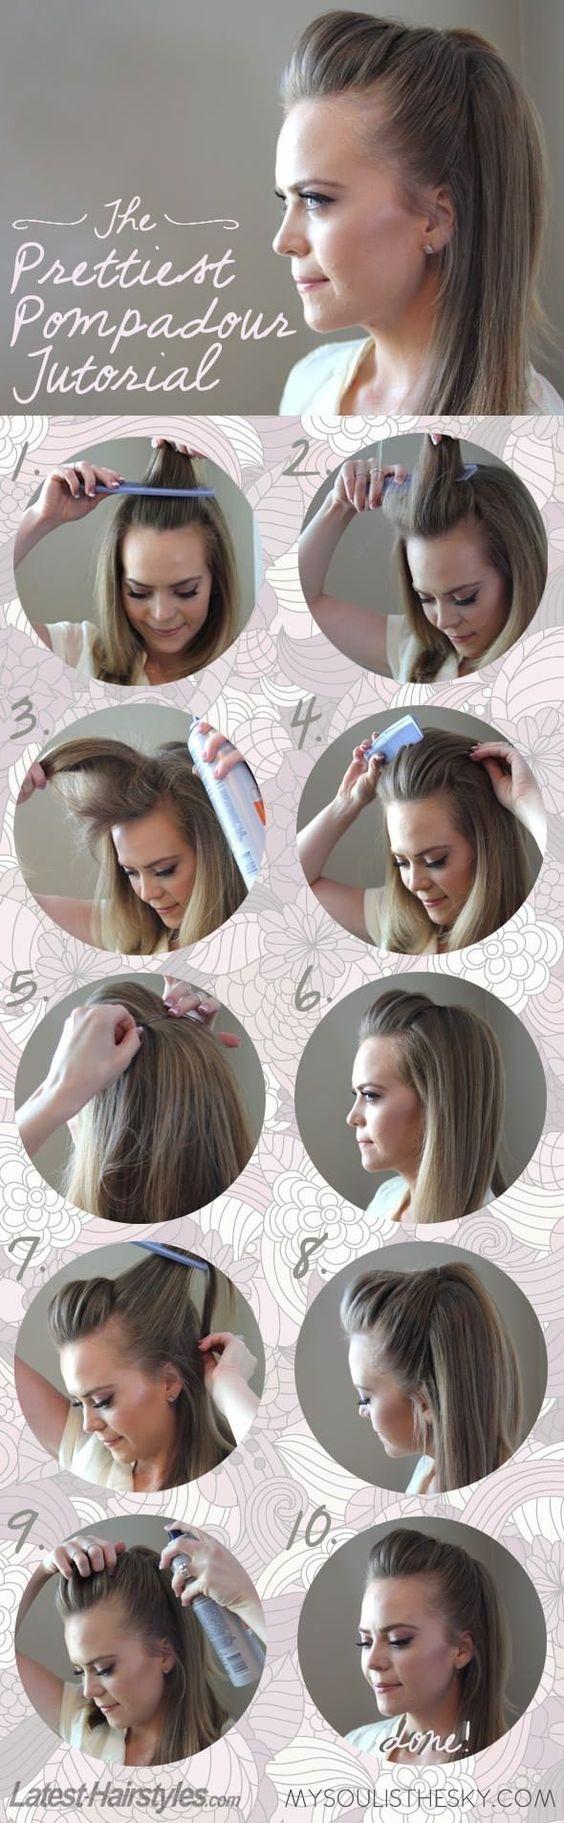 13 Tutoriales de Peinados Fáciles para hacerlos en 5 Minutos